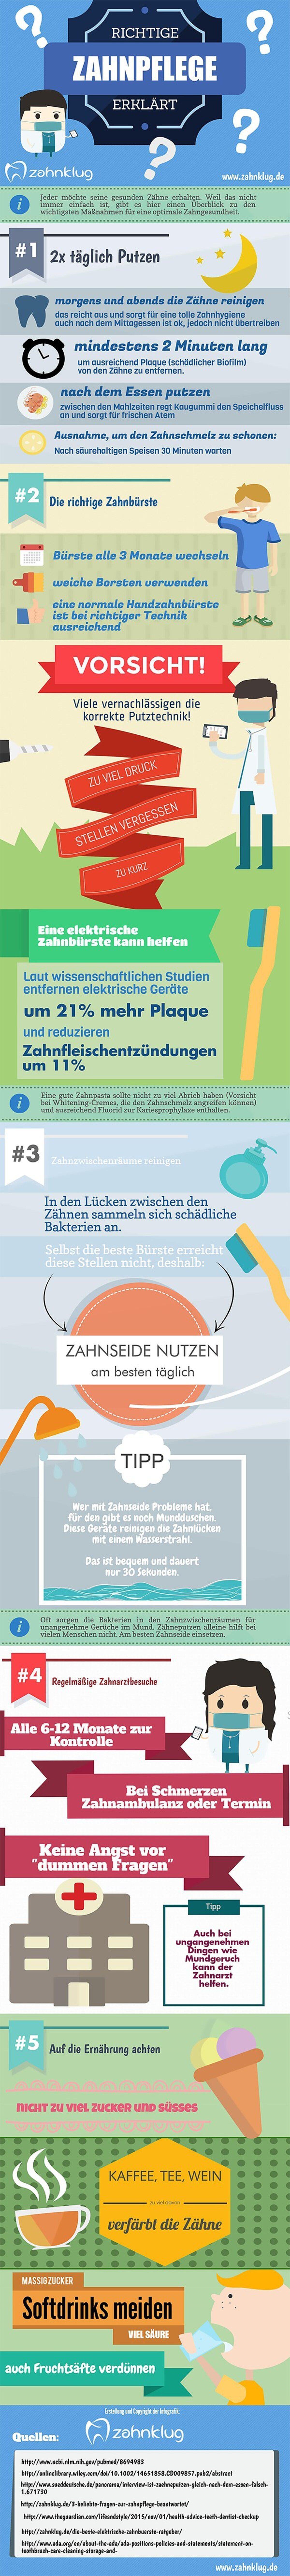 Wie putze ich meine Zähne Infografik